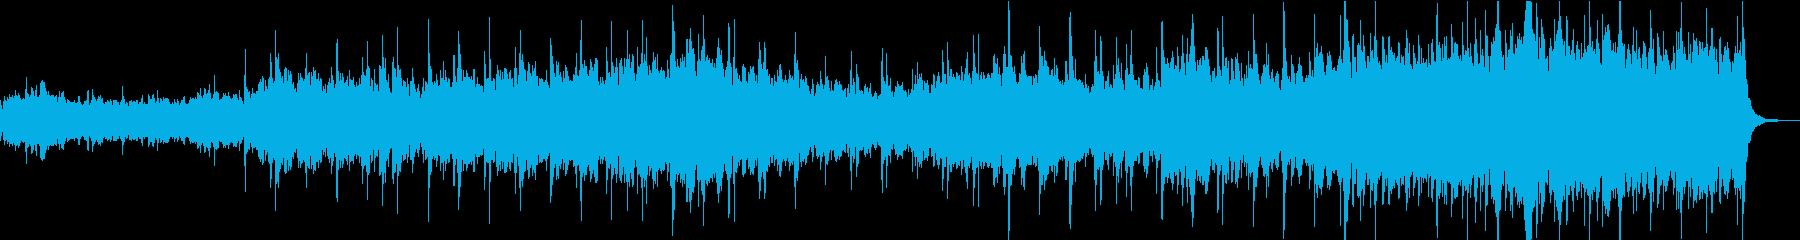 これは、オーケストラとパーカッショ...の再生済みの波形